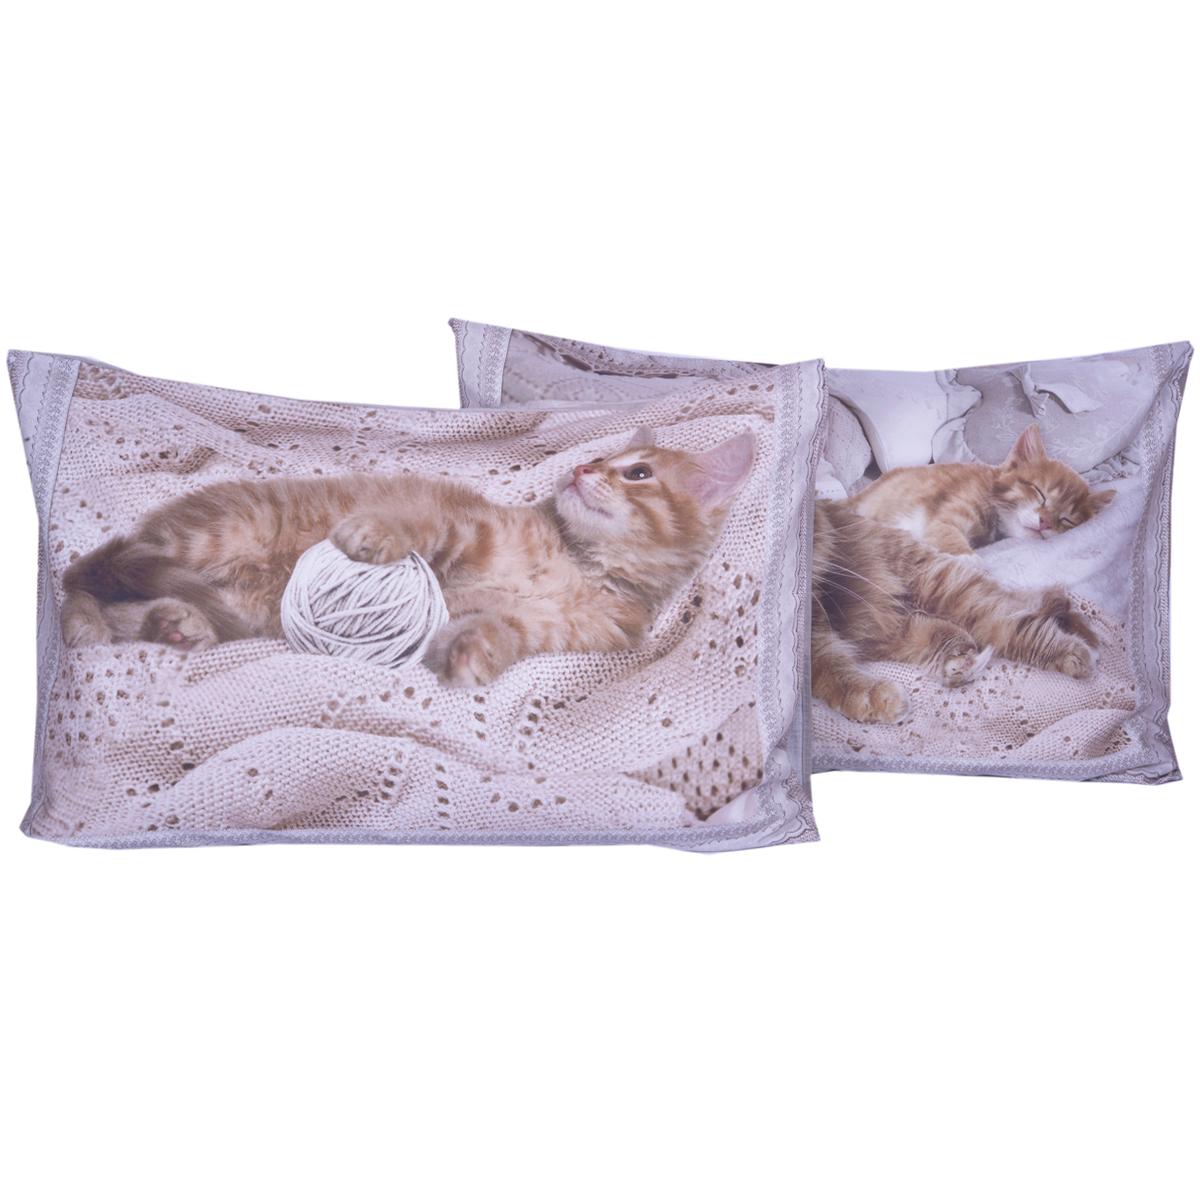 Copripiumino Singolo Con Animali.Parure Copripiumino Gatti Miao Stampa Digitale In Puro Cotone